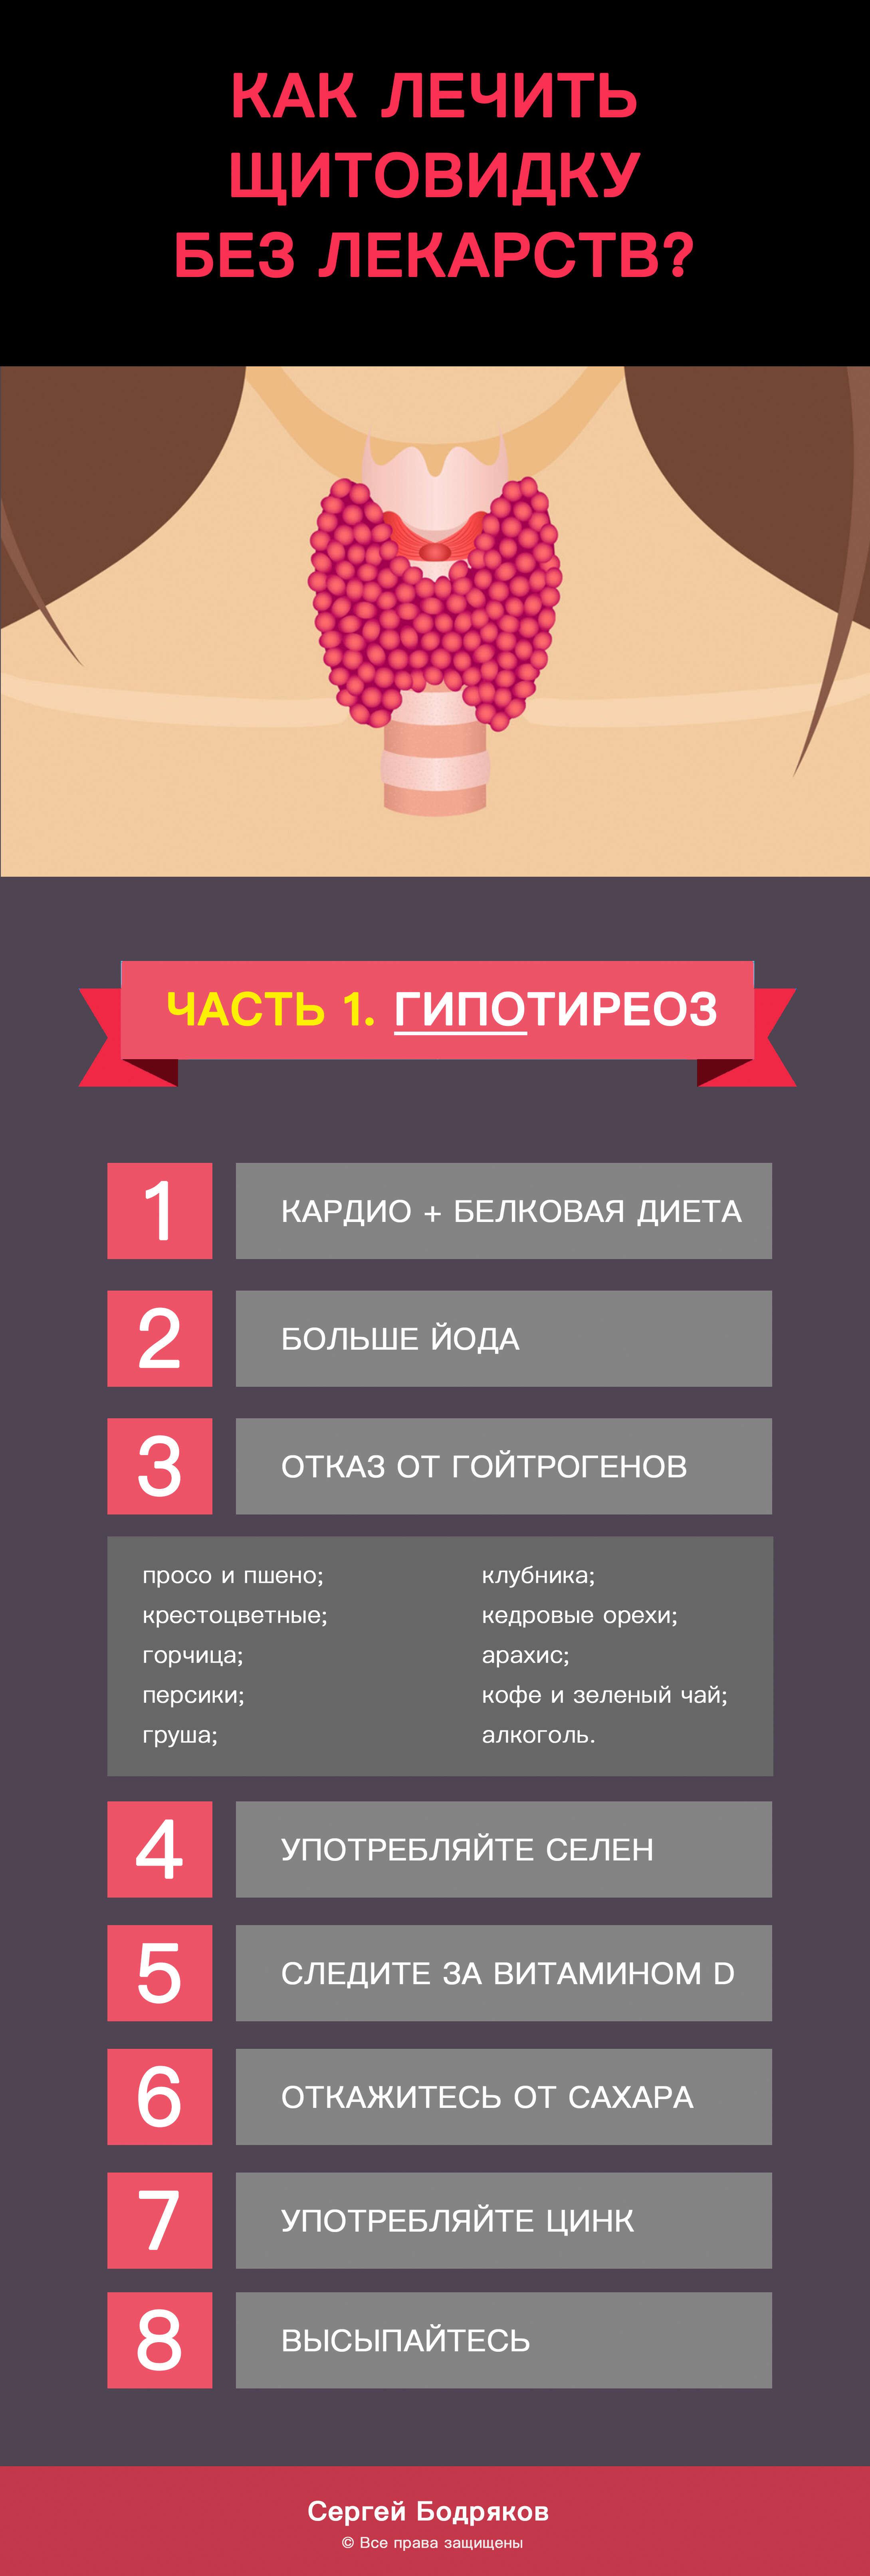 kak-lechit-schitovidnuyu-zhelezu-gipotireoz